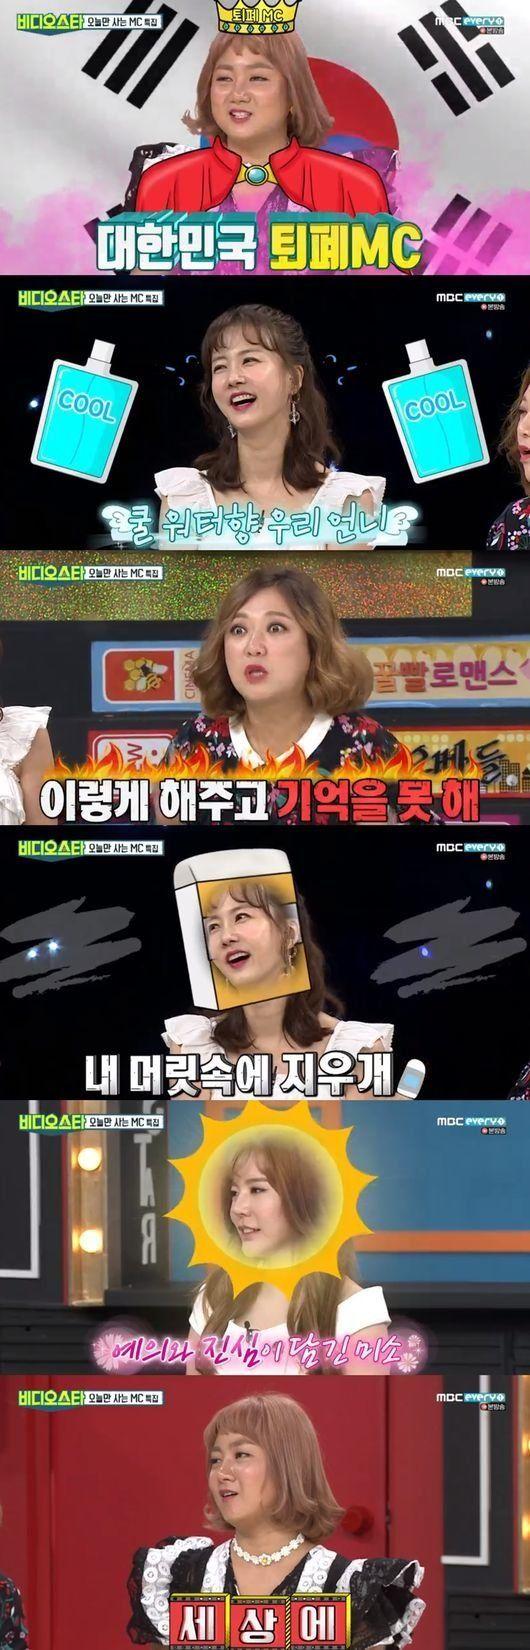 '비스' 박소현X김숙X박나래X써니, 역대급 대담한 입담 '웃음